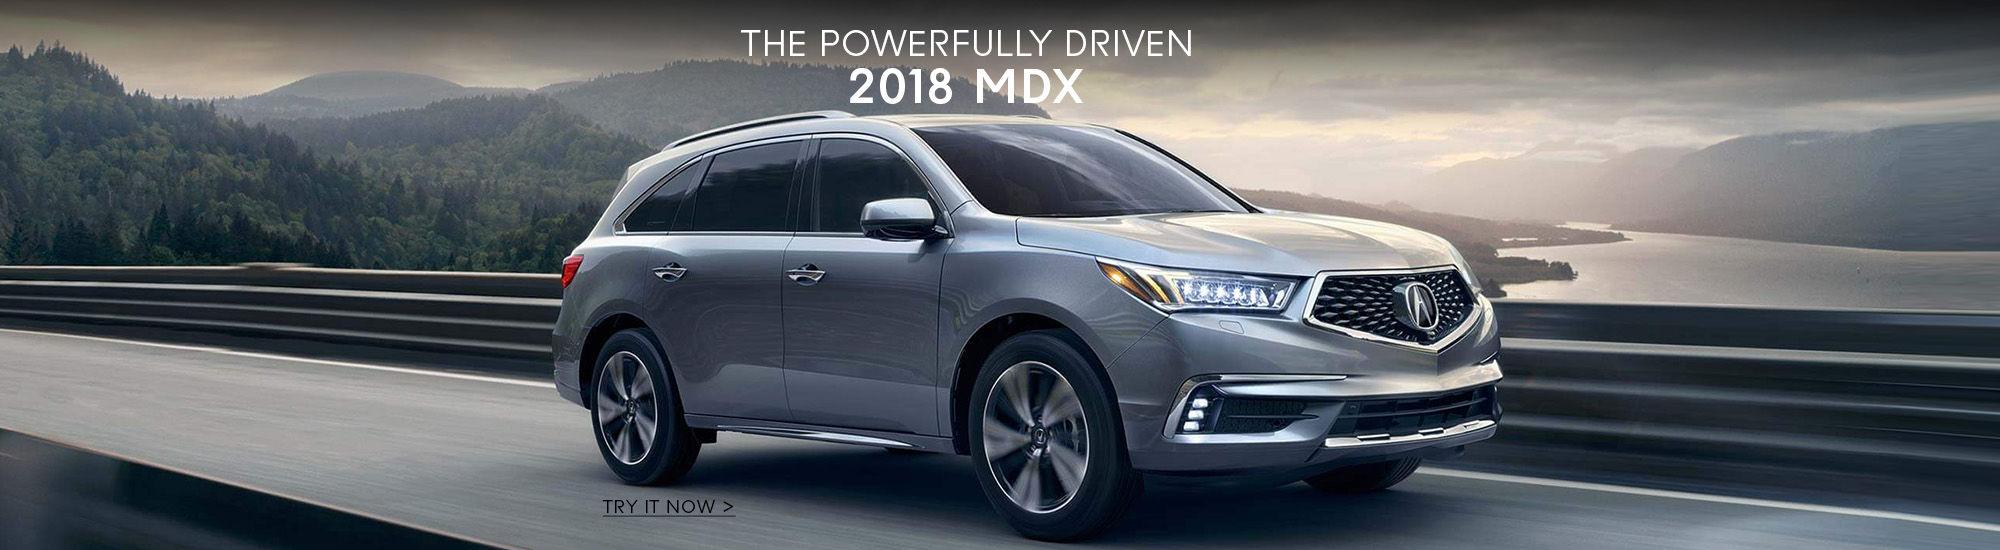 2018 MDX